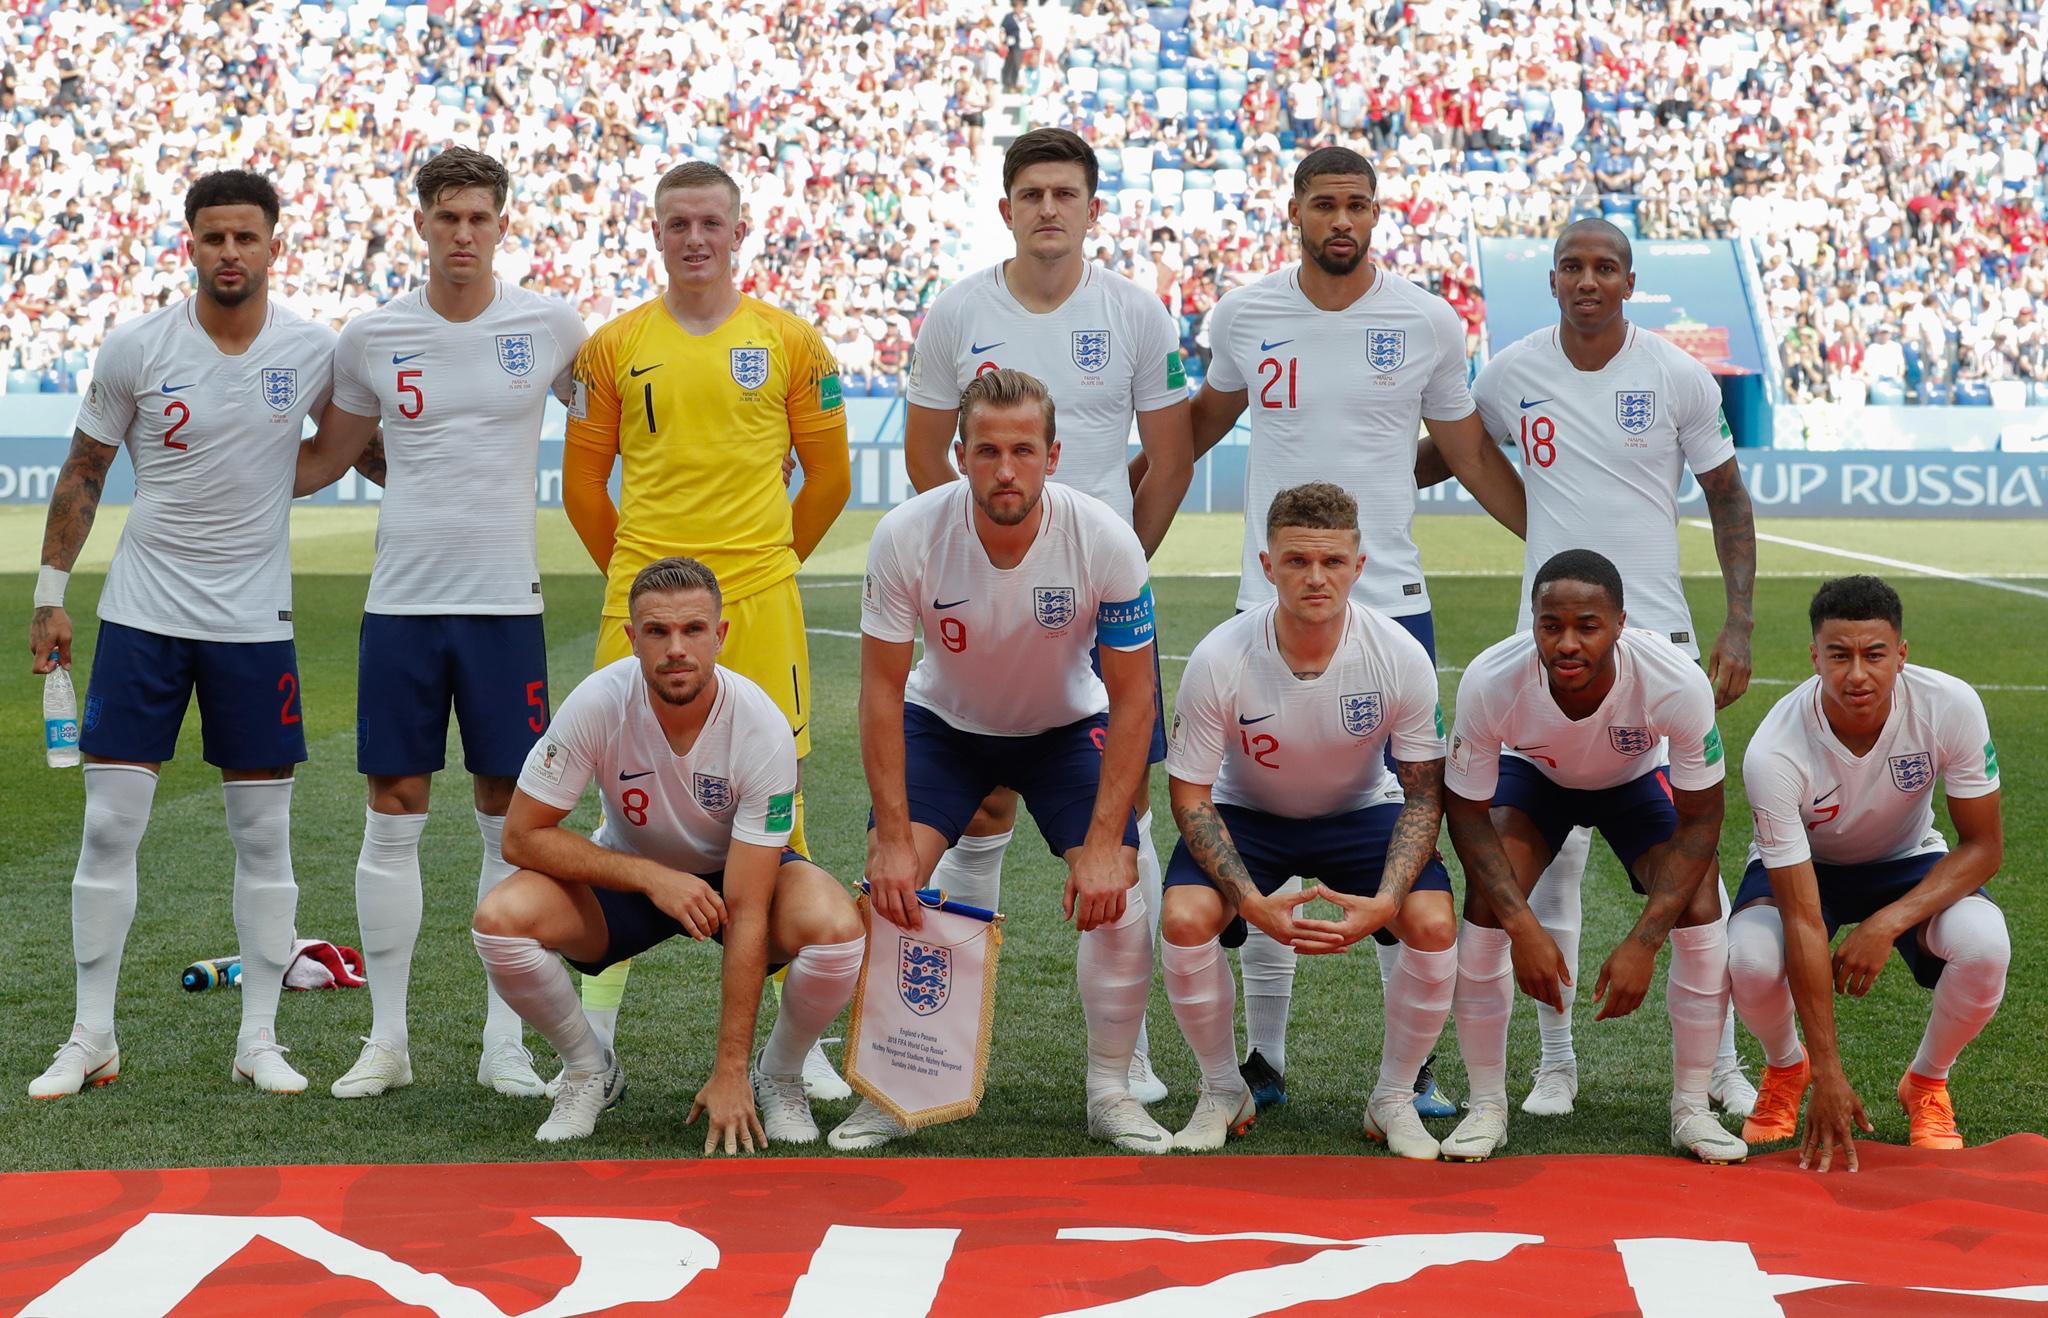 Des joueurs de foot posant pour une photo de groupe (© Antonio Calanni/AP Images)